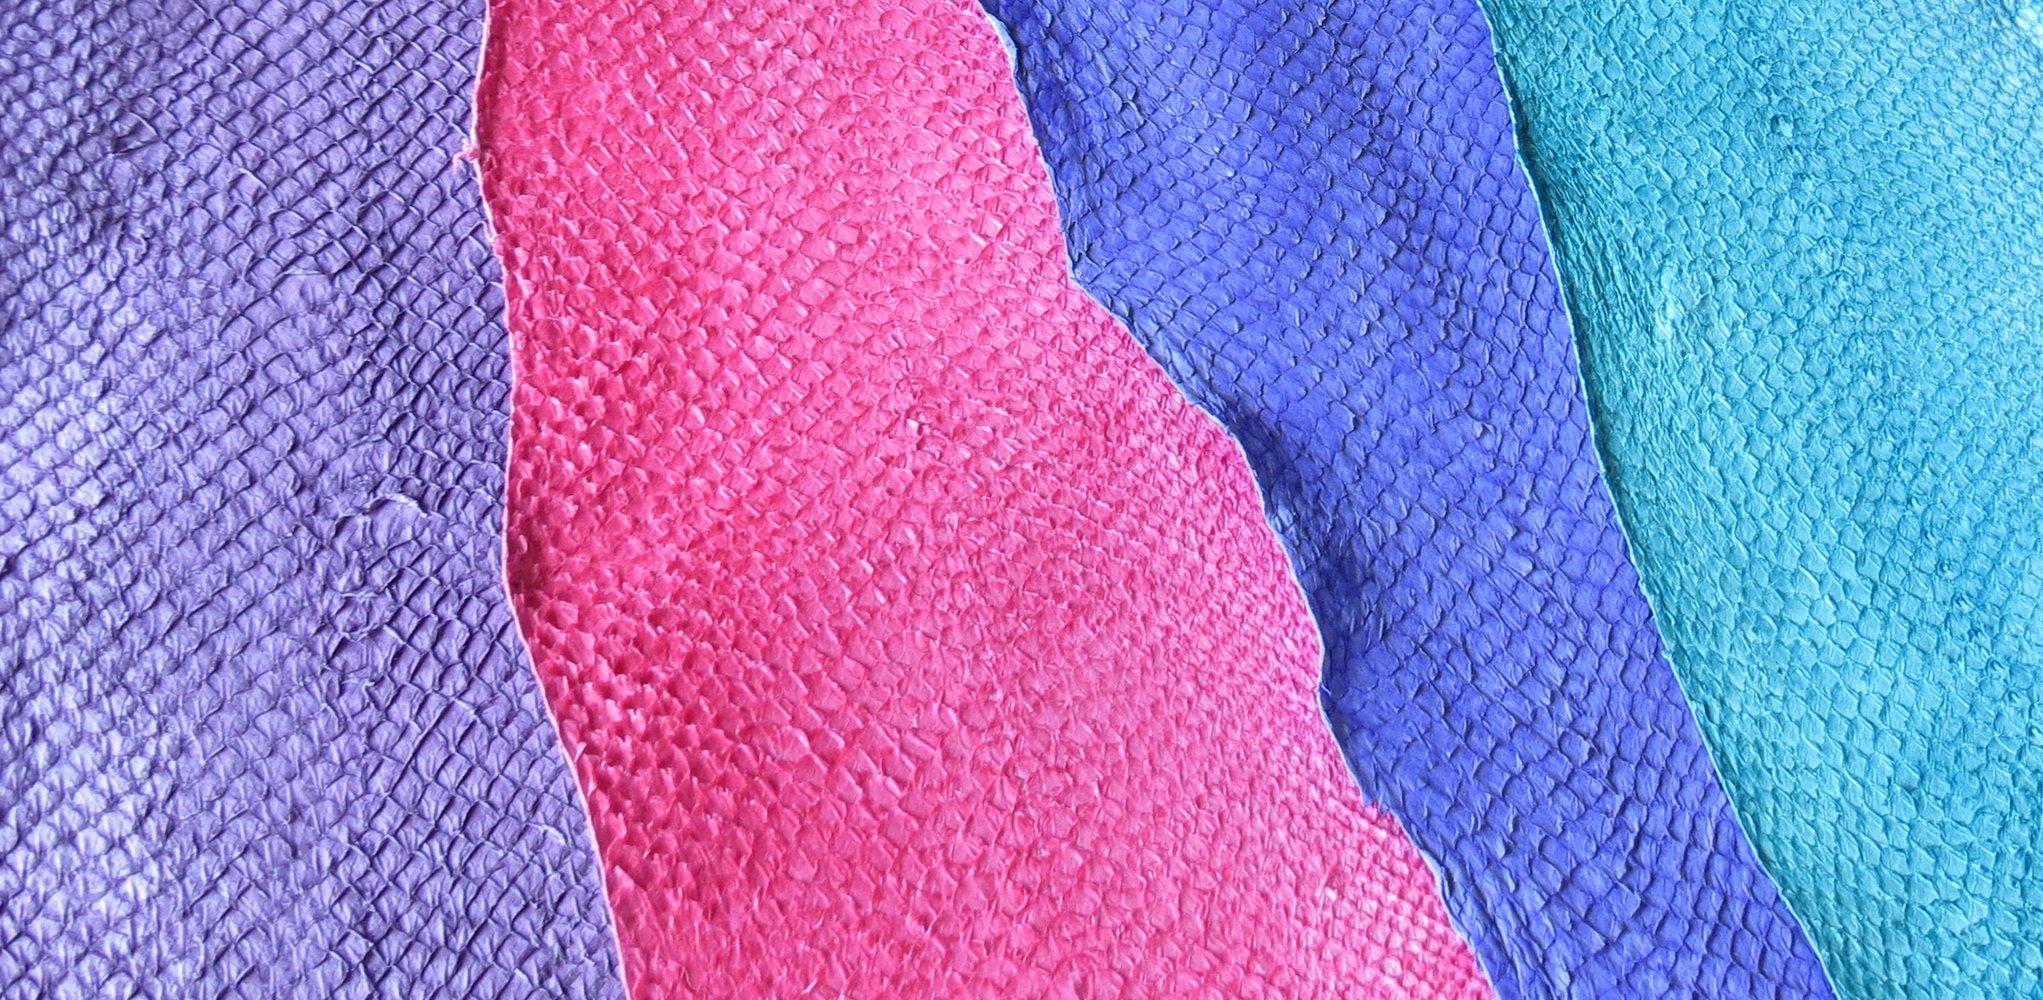 choix de couleur pour les peaux de poisson tannées